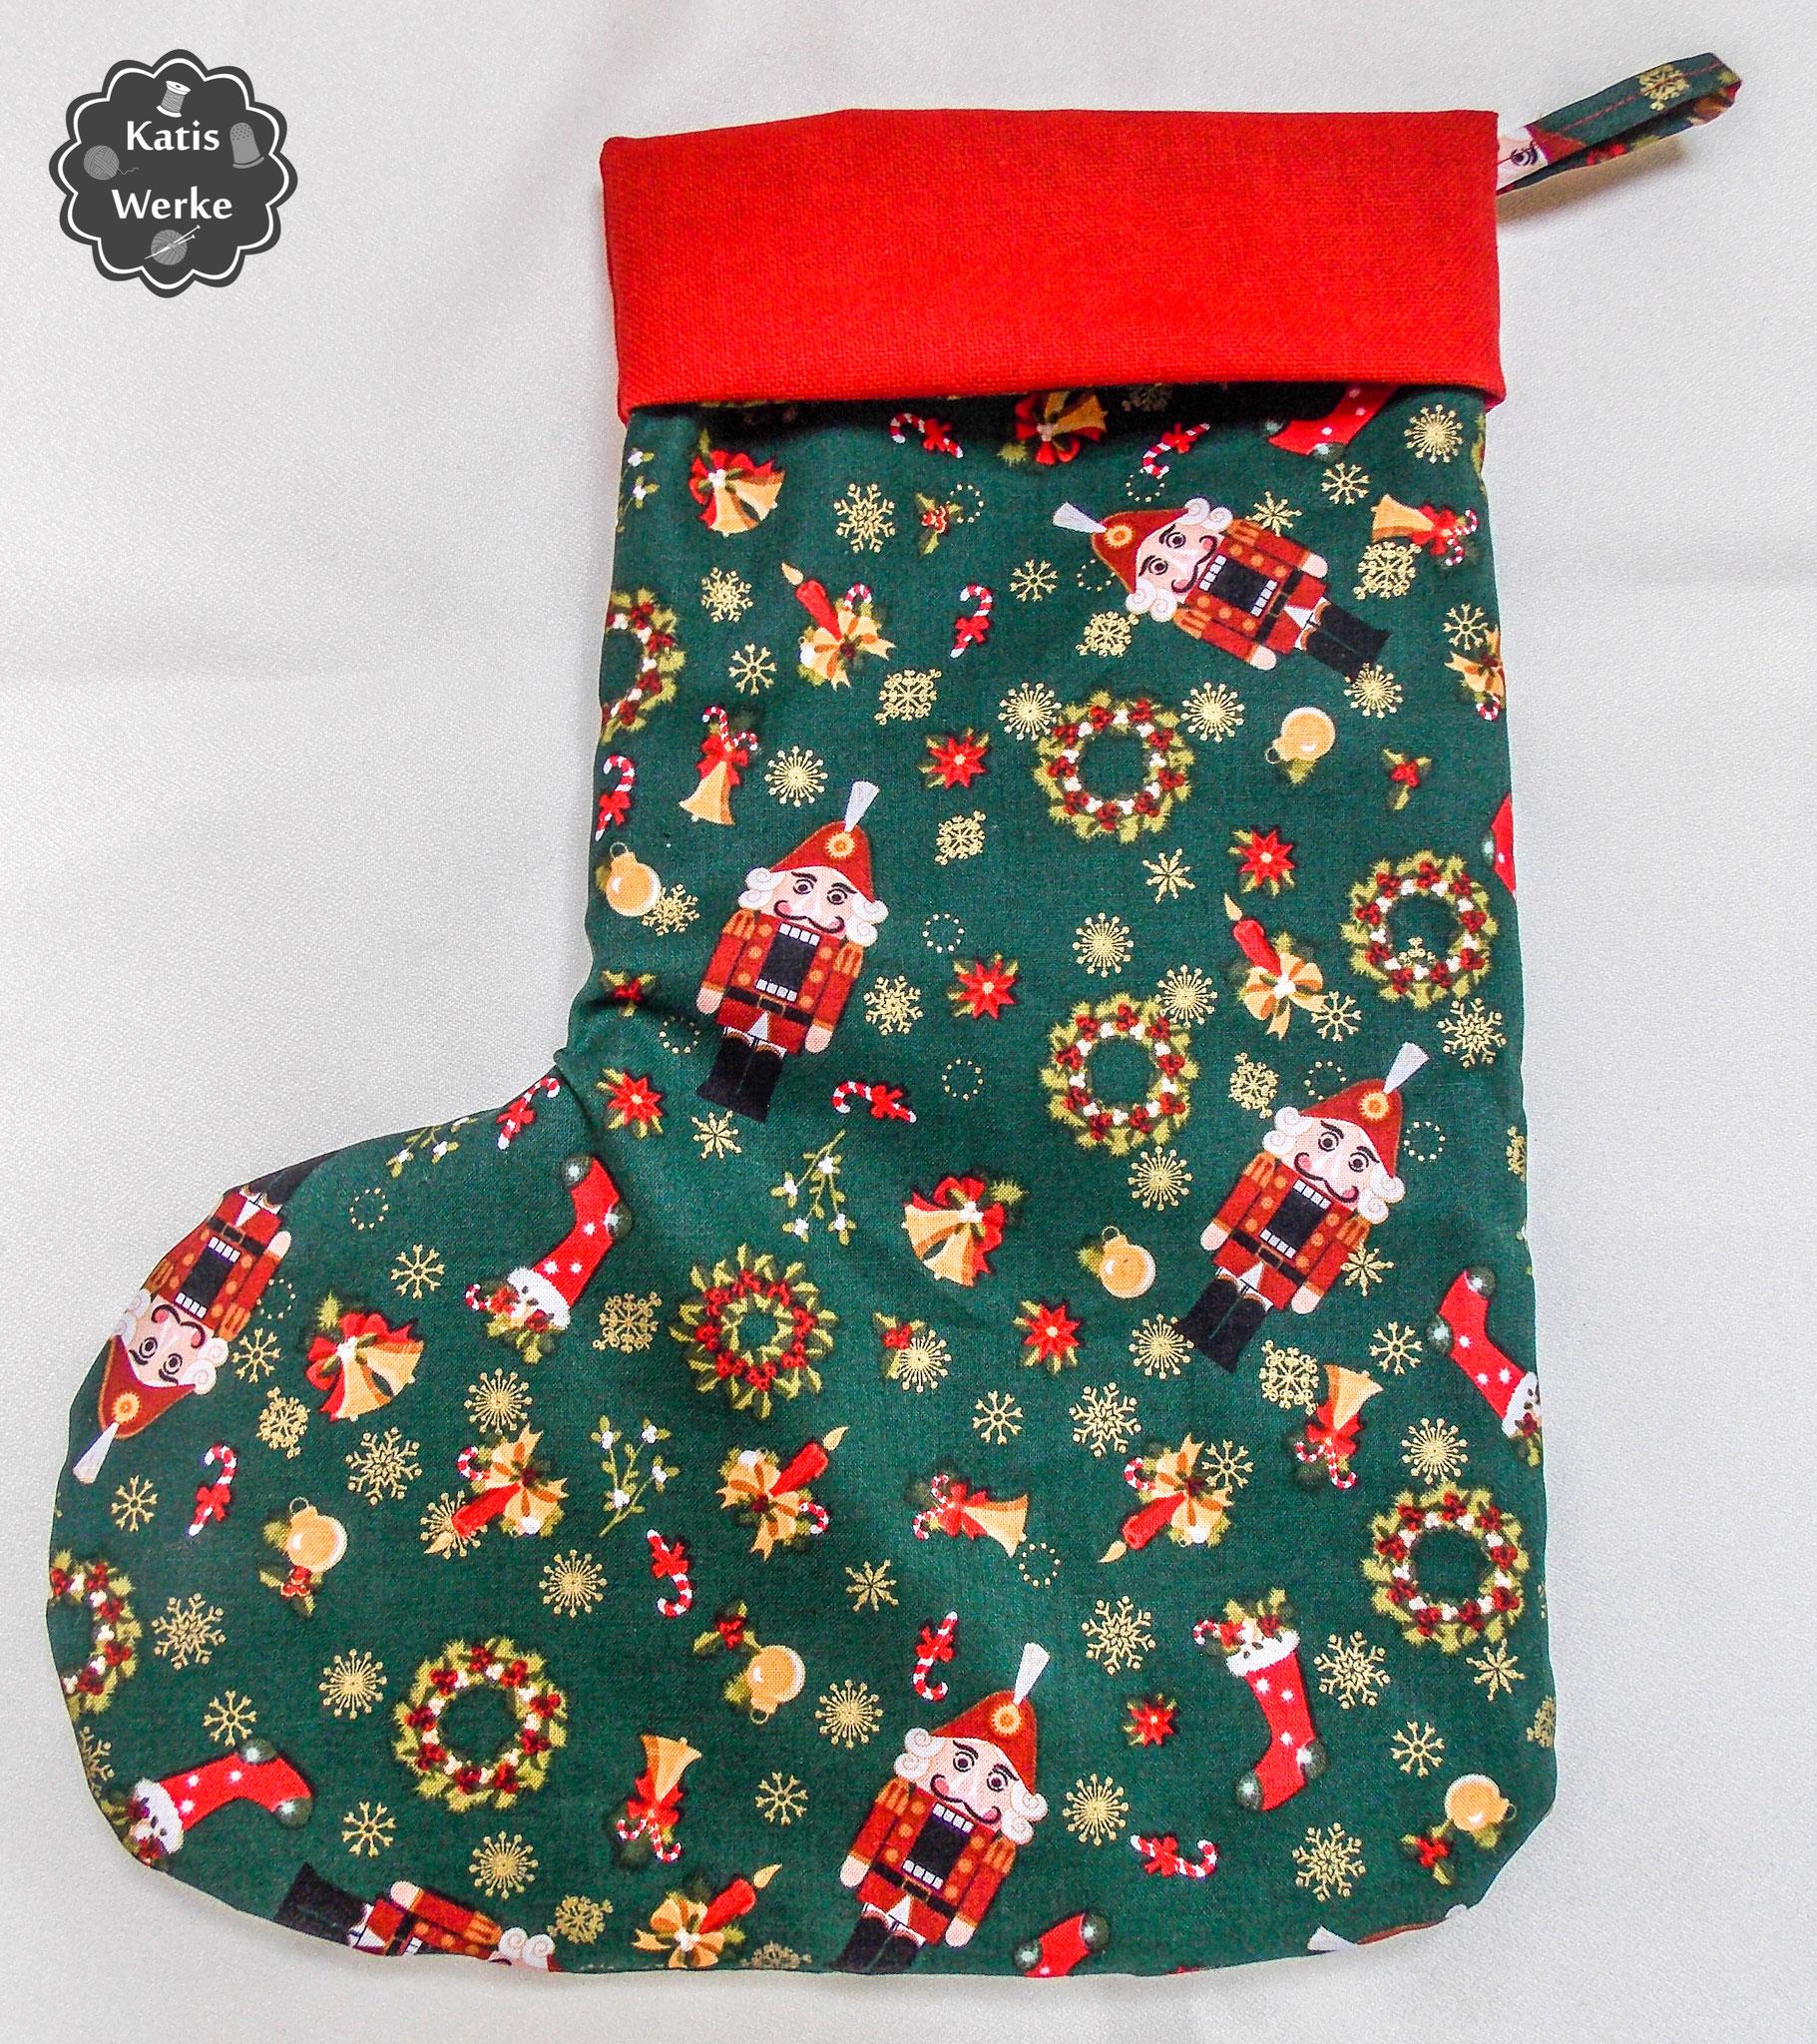 Nikolausstiefel aus Weihnachtsstoff